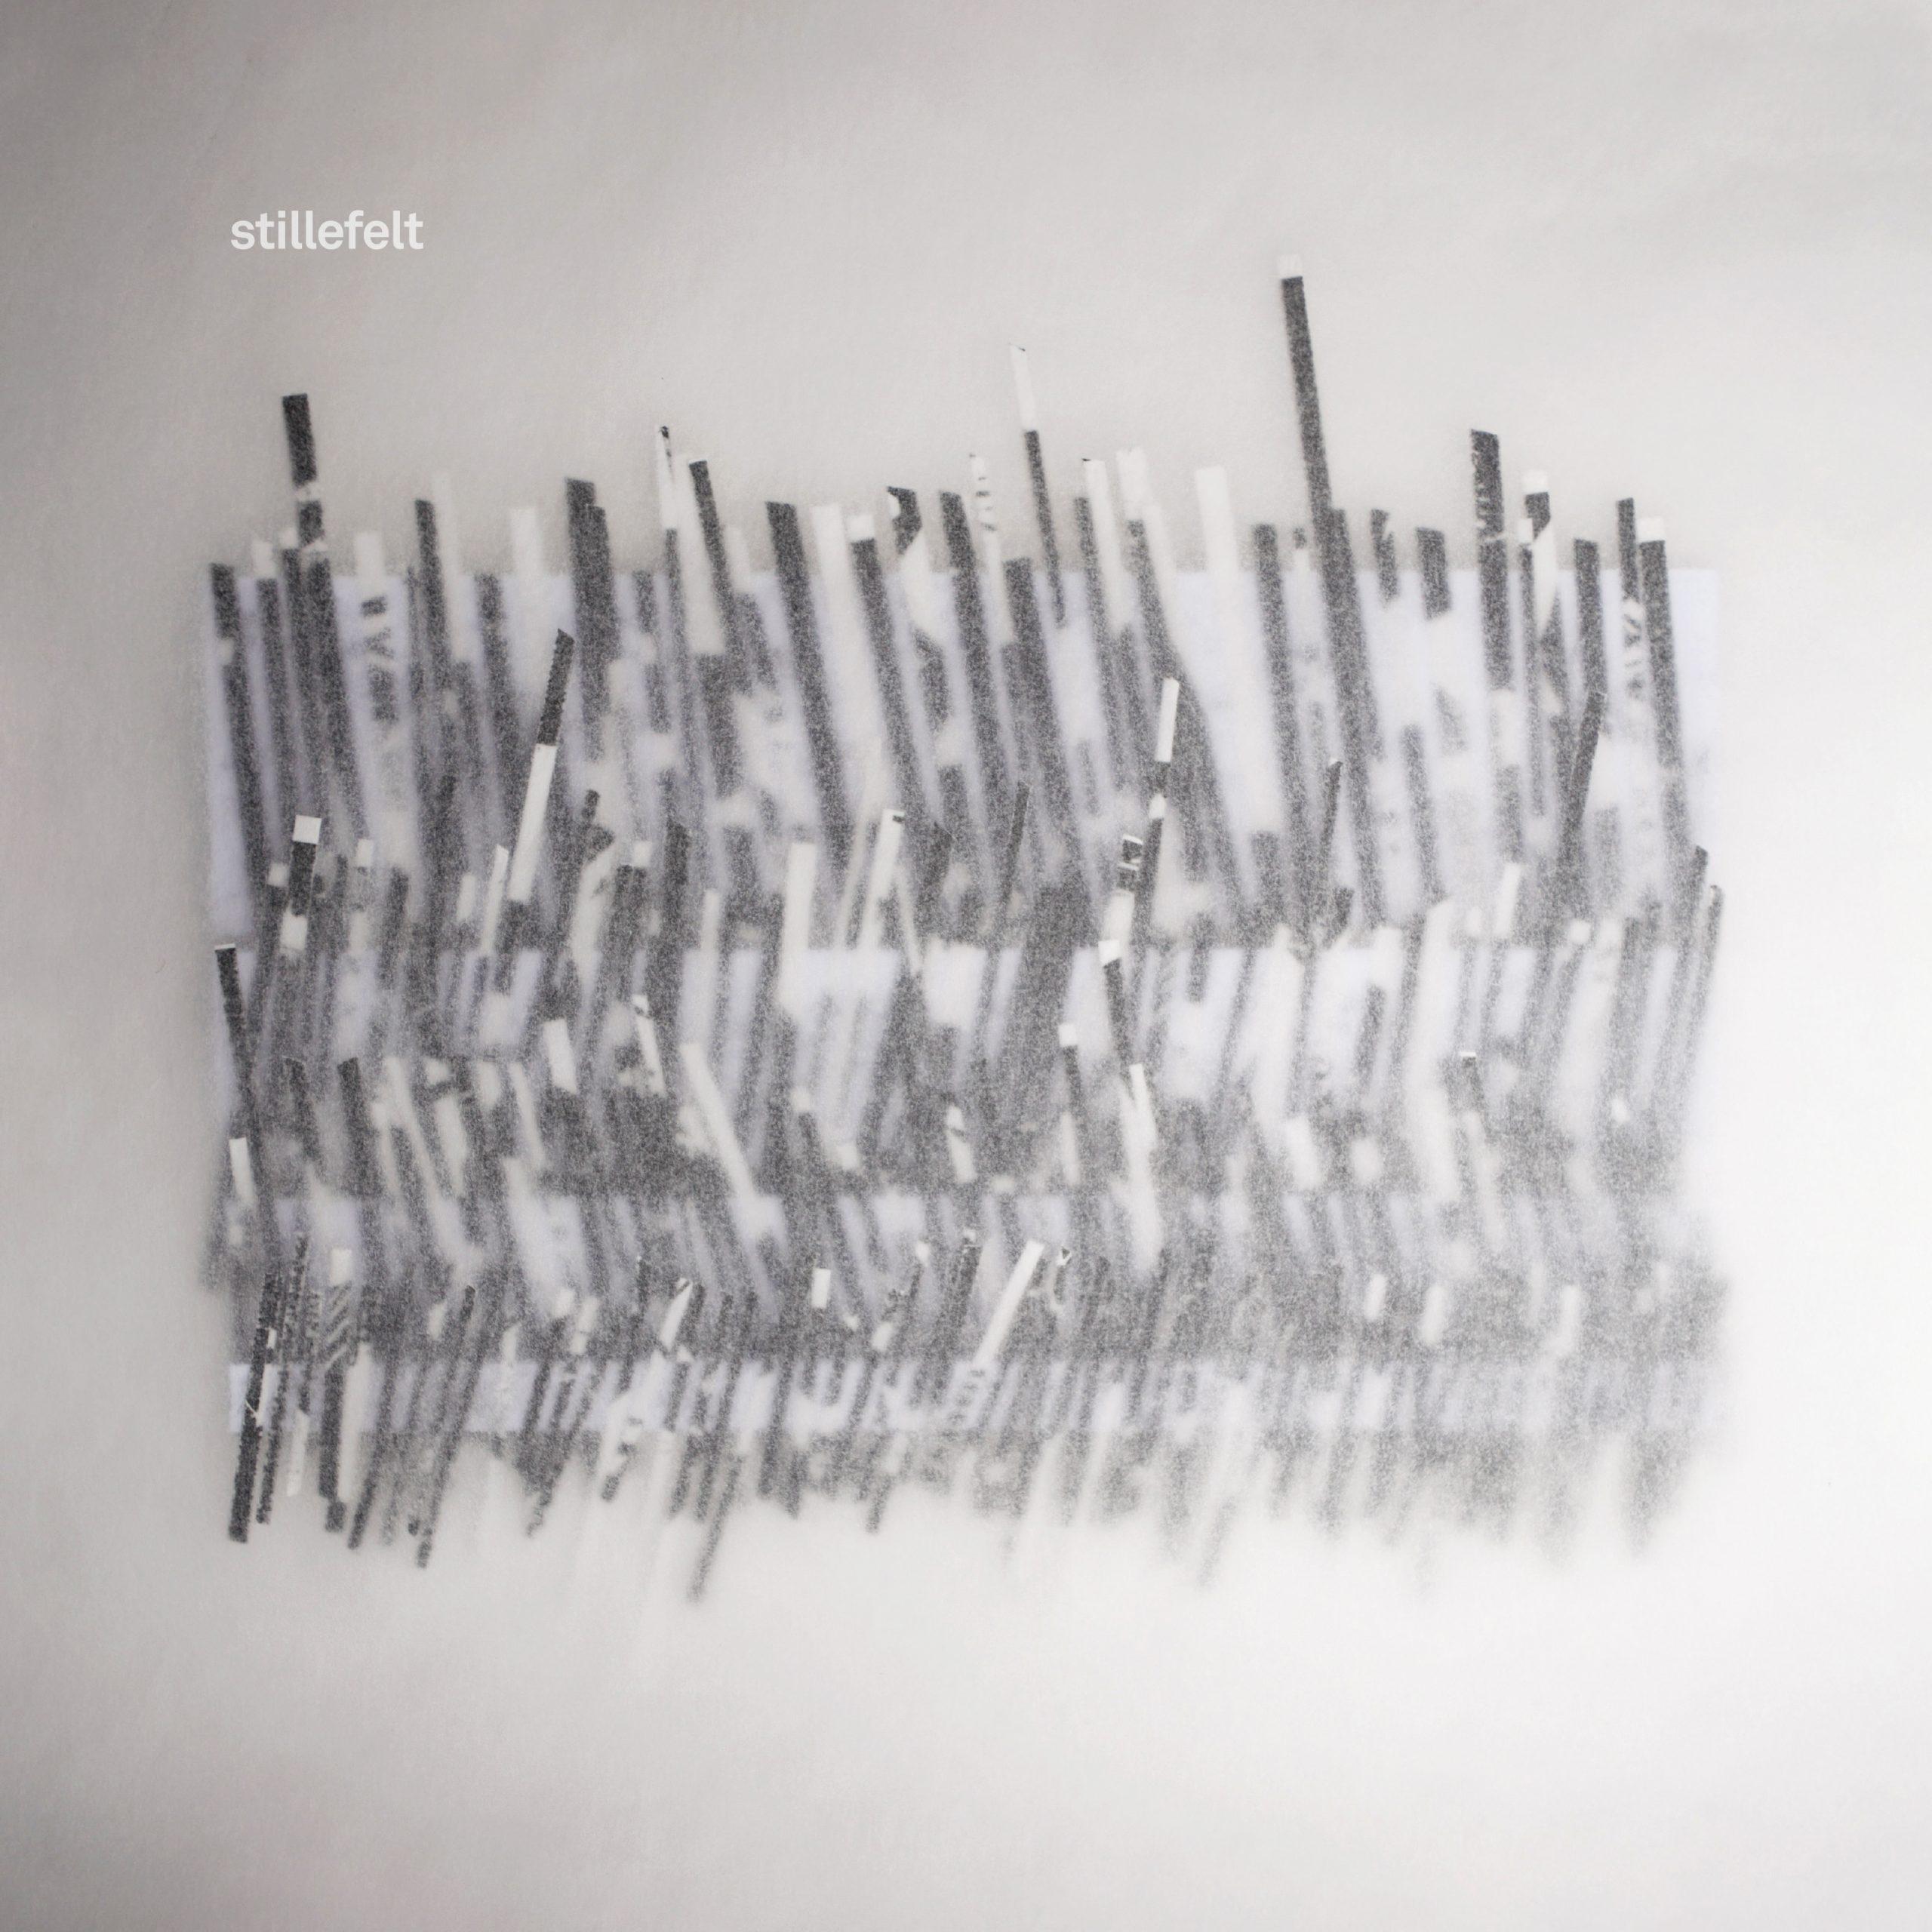 Stillefelt album cover